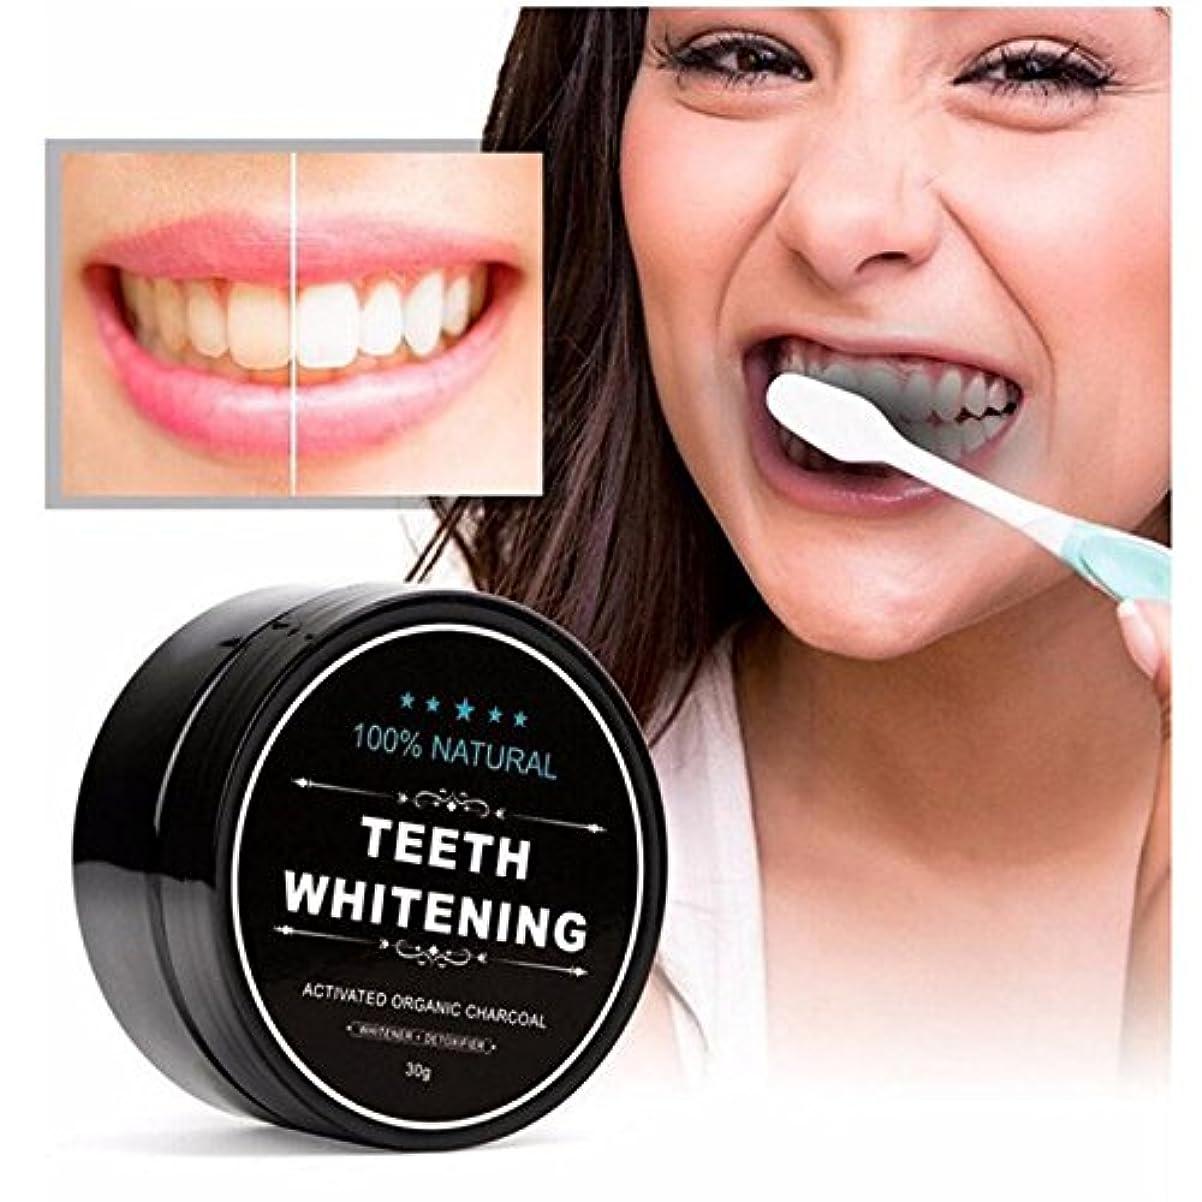 レオナルドダ犠牲ウェブOral Dentistryチャコールホワイトニング 歯磨き粉 歯のホワイトニング 歯磨き剤 食べる活性炭 活性炭パウダー 竹炭 ブラック (2個)